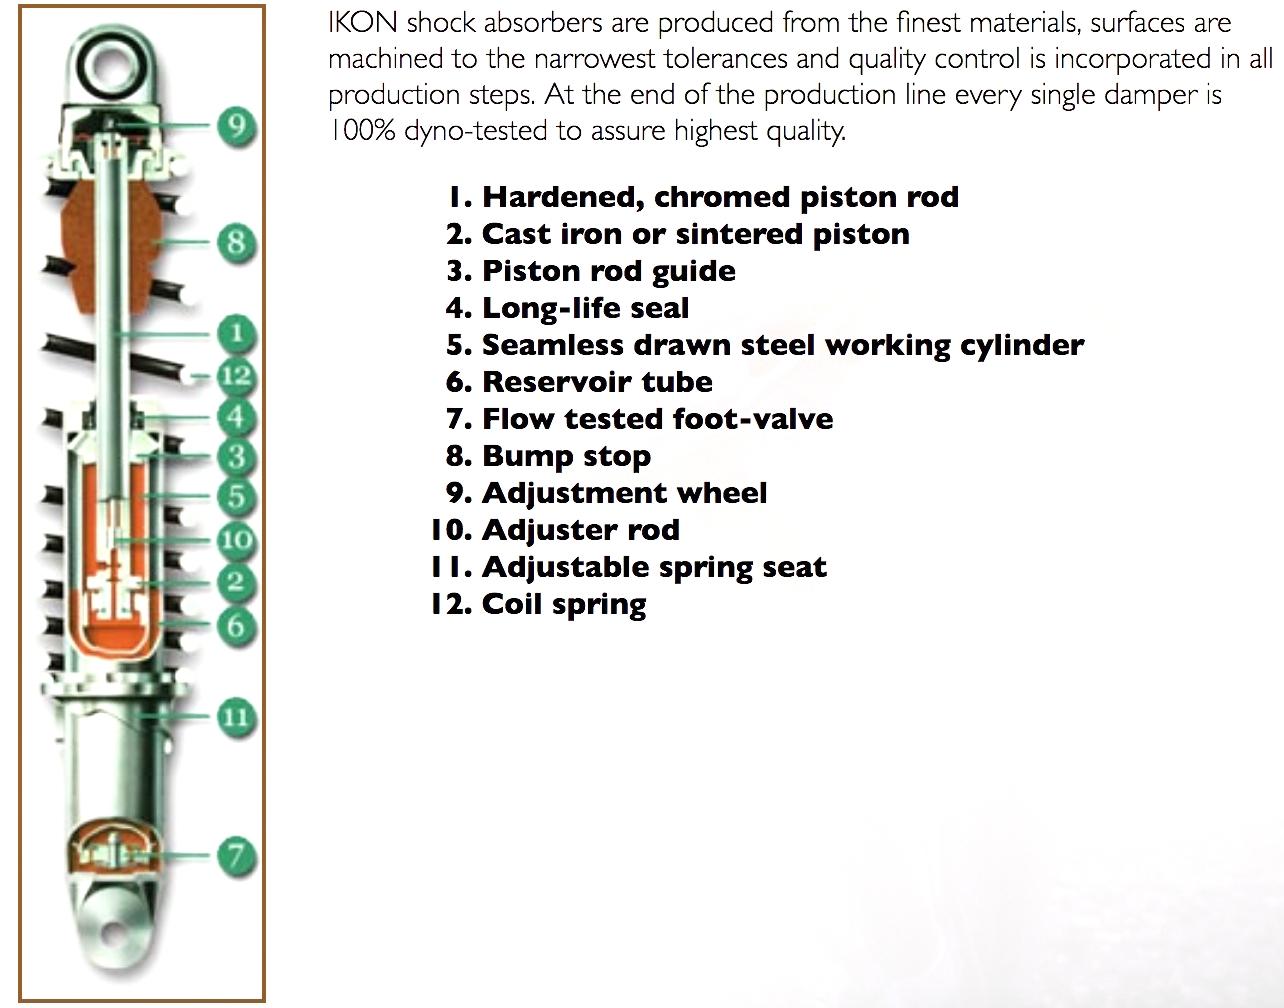 50201070 1 Shock Absorber Set3C Ikon 7614-1397 BLK